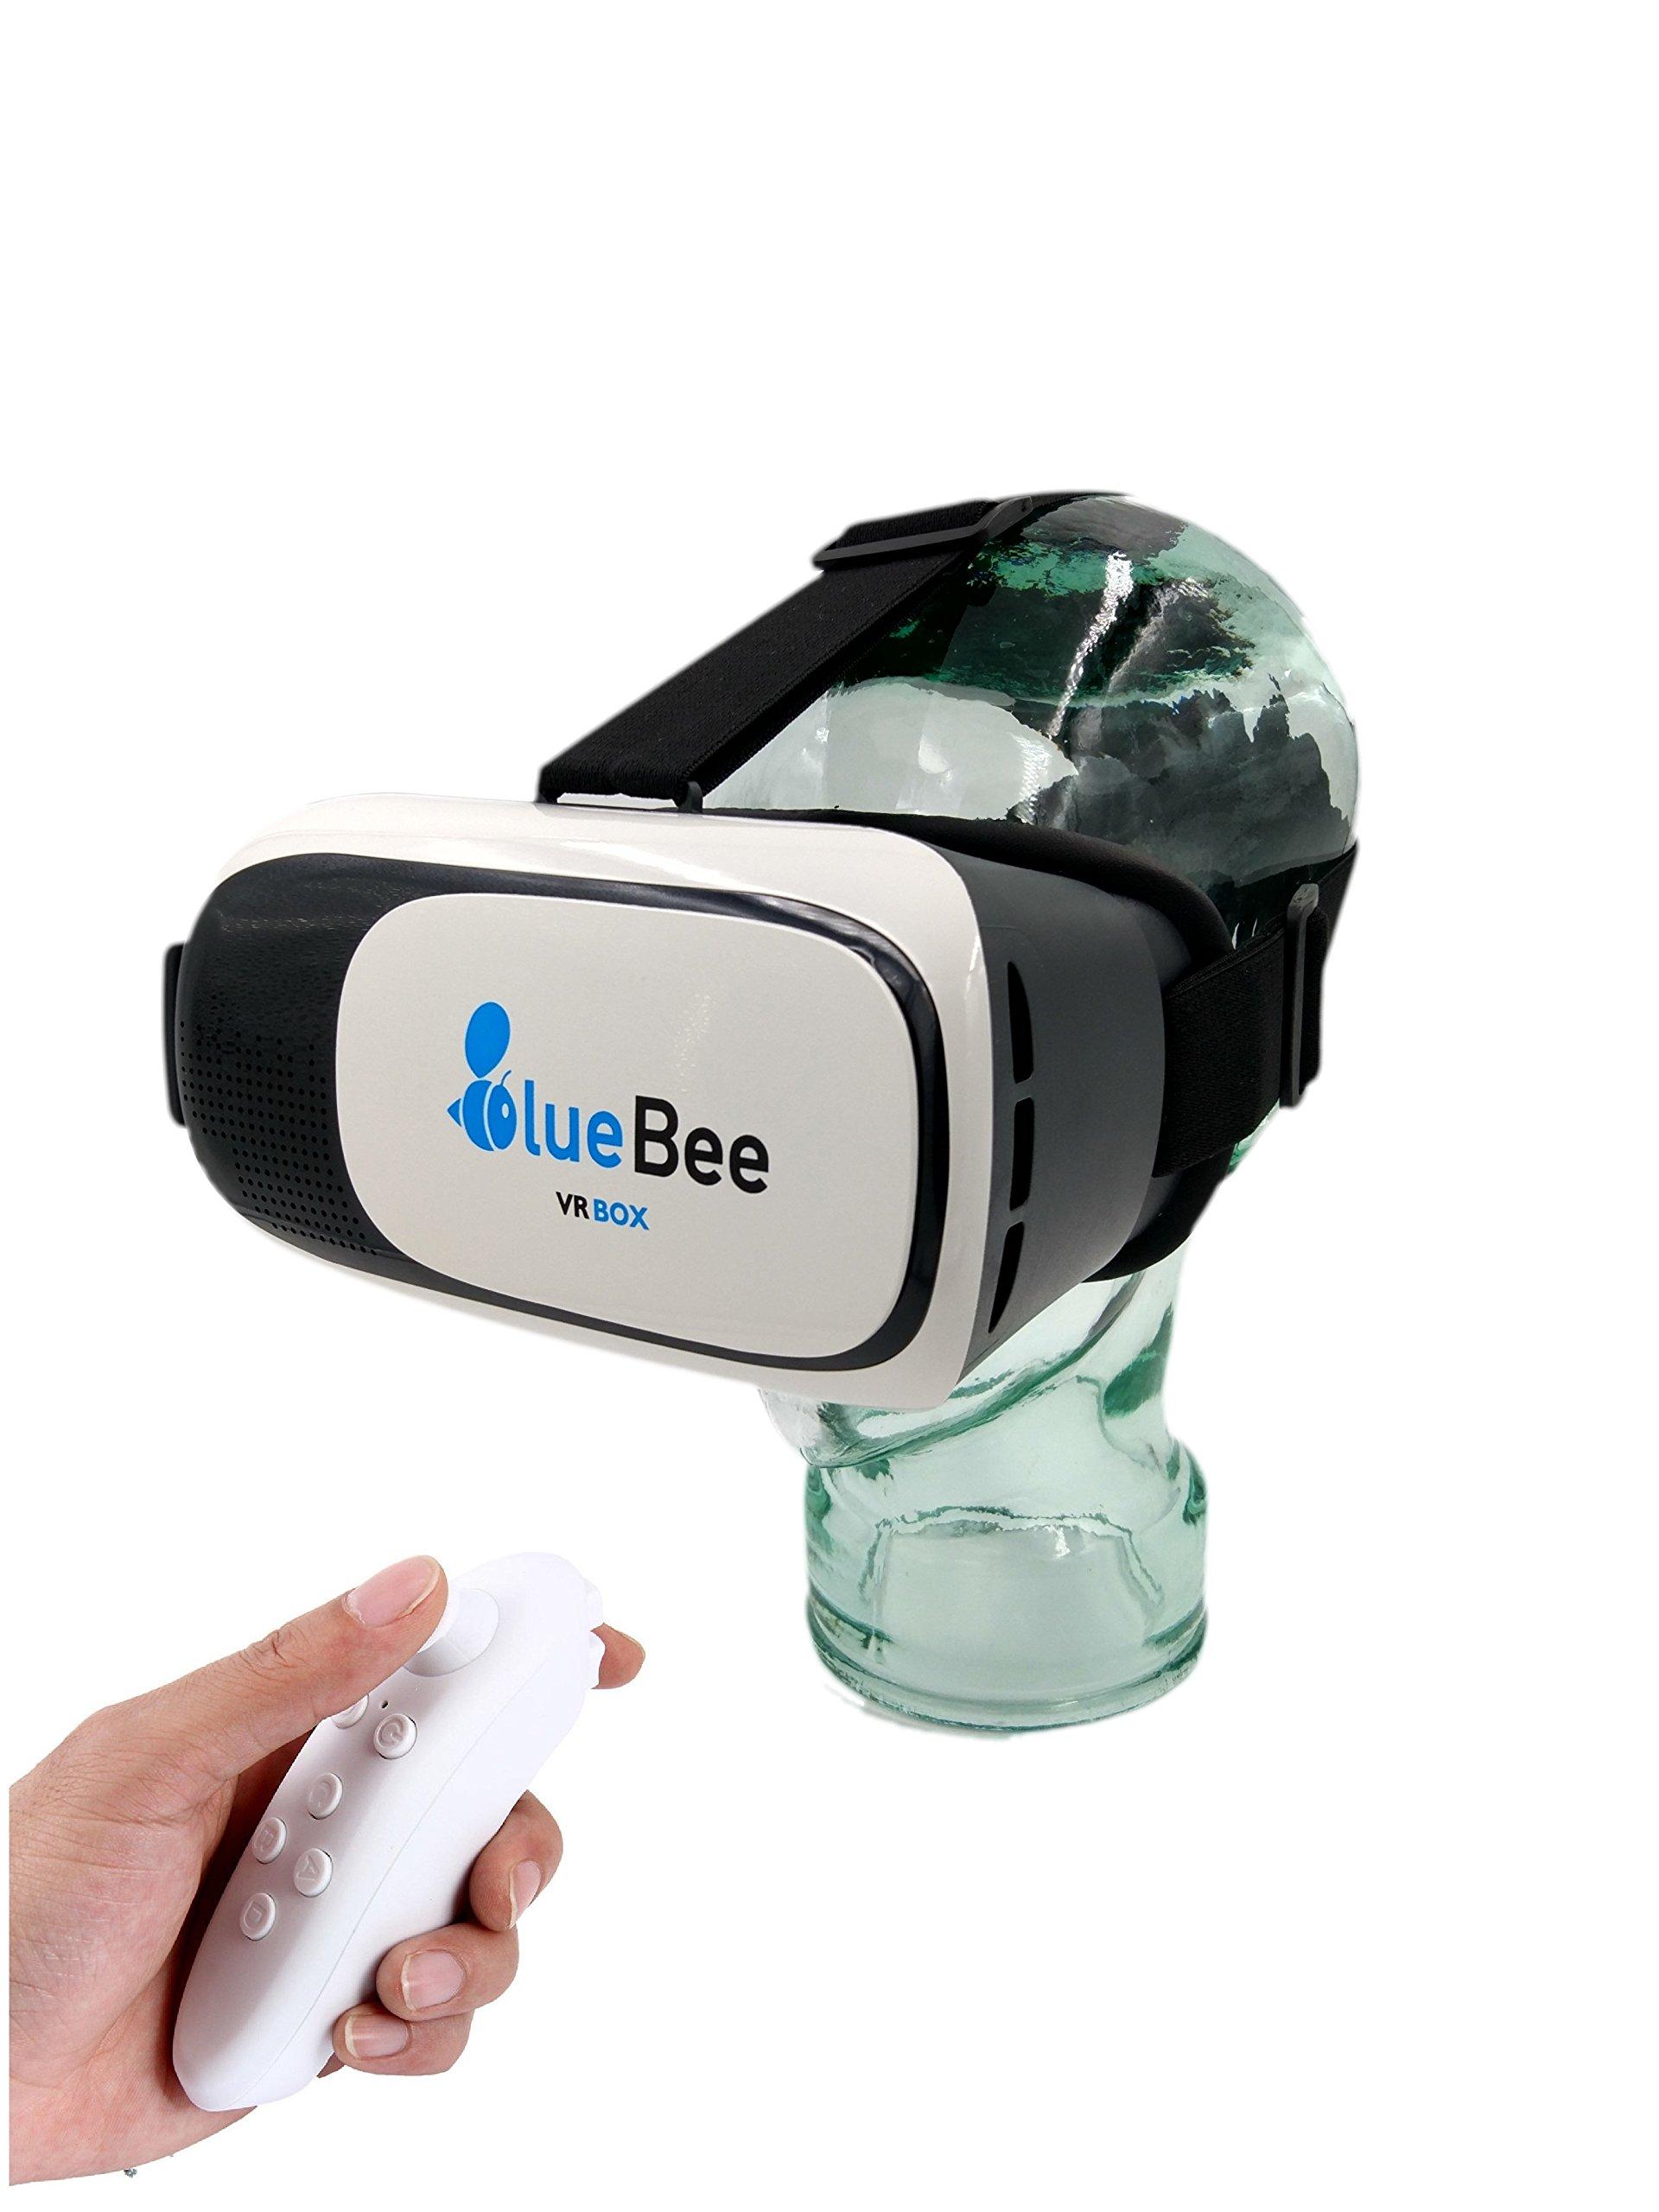 Bluebee Lunettes VR + commande à distance (réalité virtuelle Genuine 3d google lunettes/Casque/Casque/Lunettes pour iPhone/Samsung/Smartphone incluant Bluetooth 3.0jeux Remote Controller)